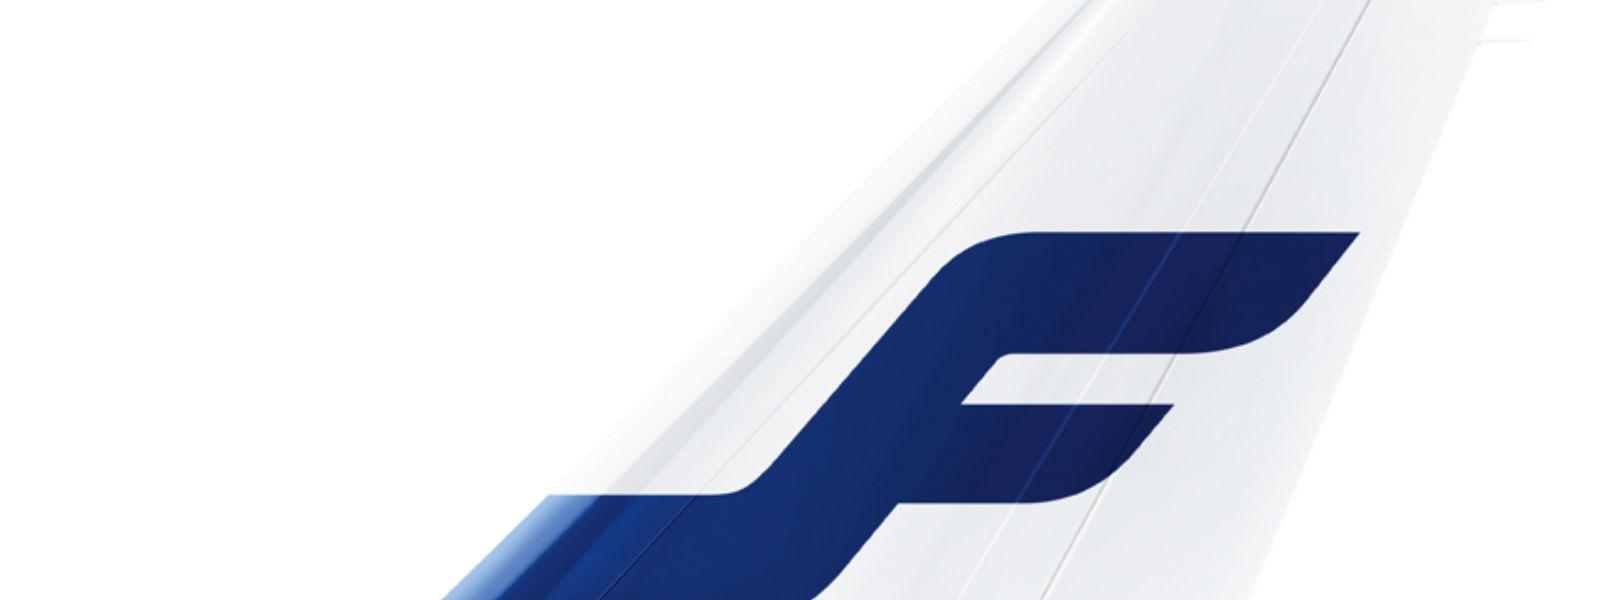 Finnair Plus jäsenet saavat 10% alennuksen normaalista päivän parhaasta hinnasta ja ansaitsevat Finnair Plus-pisteitä majoituksestaan GLO Hotelleissa sekä muissa Kämp Collection Hotelsin hotelleissa sekä ravintoloissa!